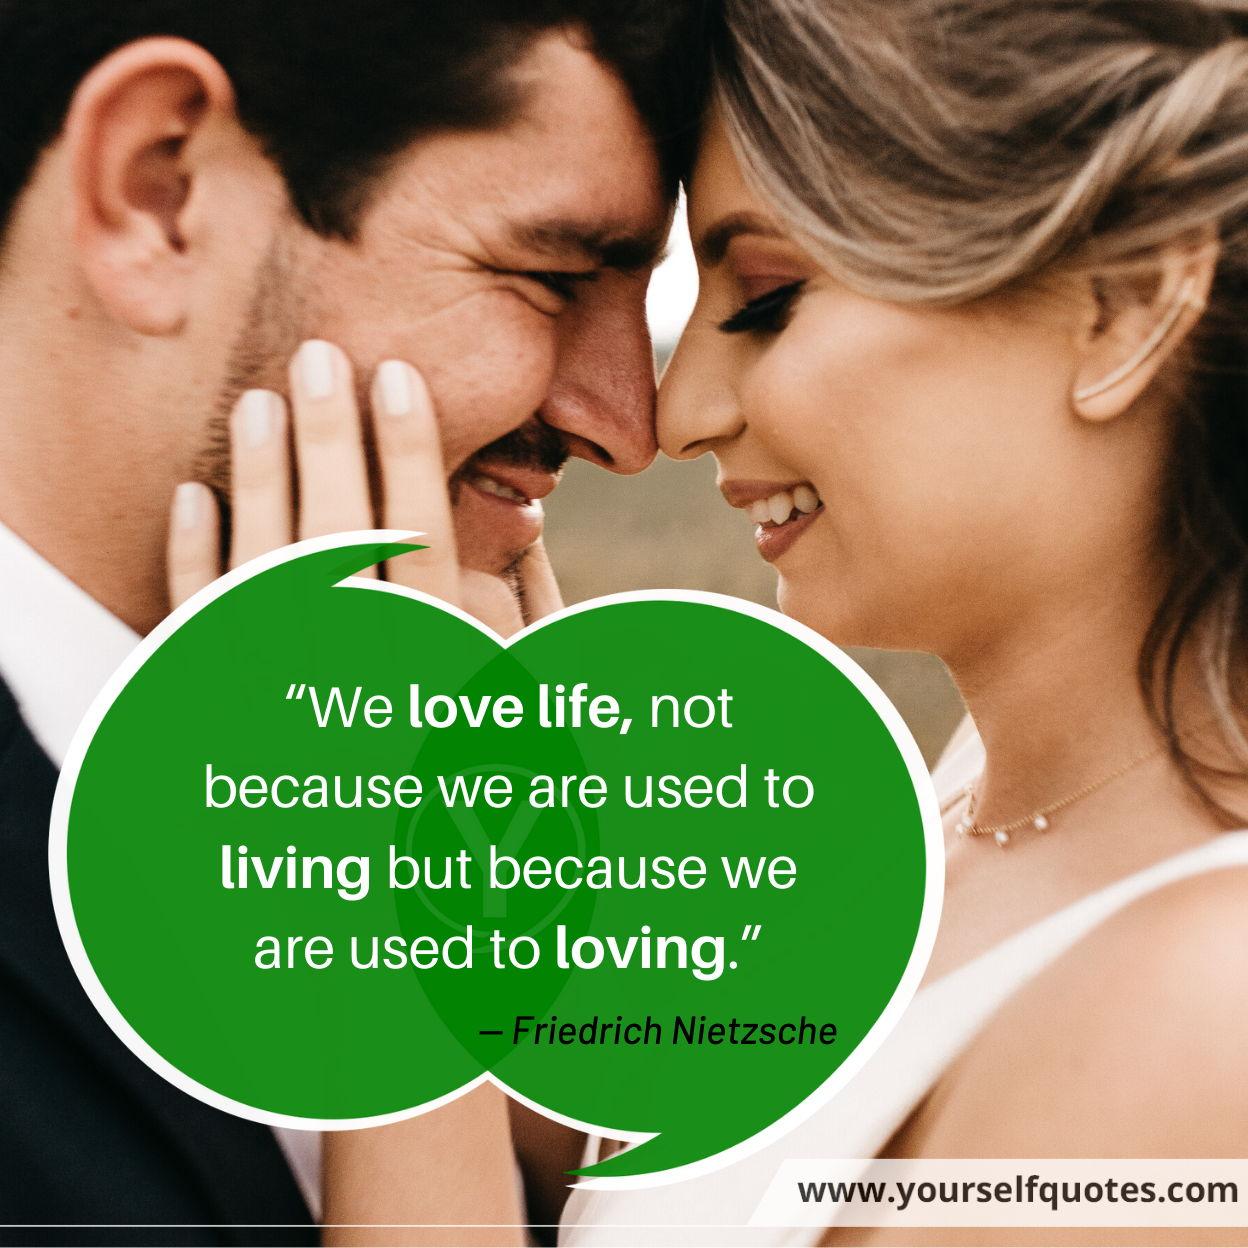 Quotes on Love by Friedrich Nietzsche